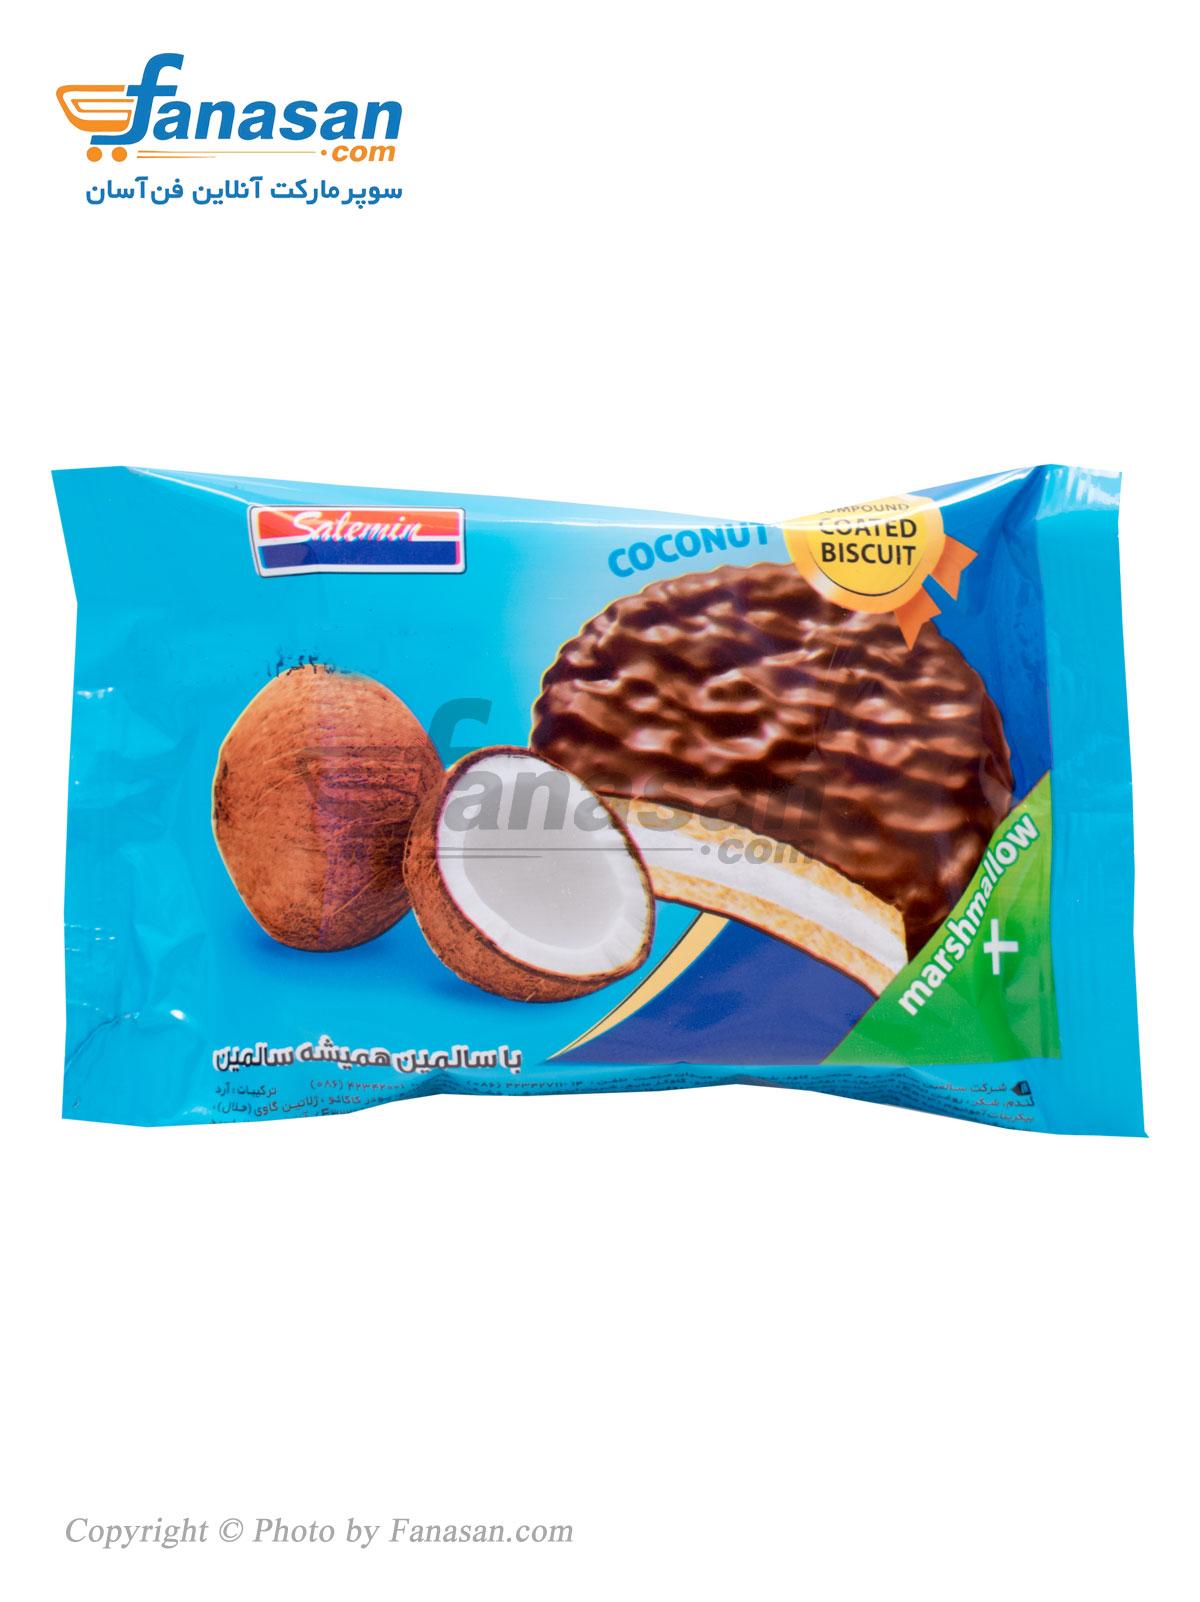 بیسکویت والس سالمین با روکش کاکائویی با طعم نارگیل 25 گرم